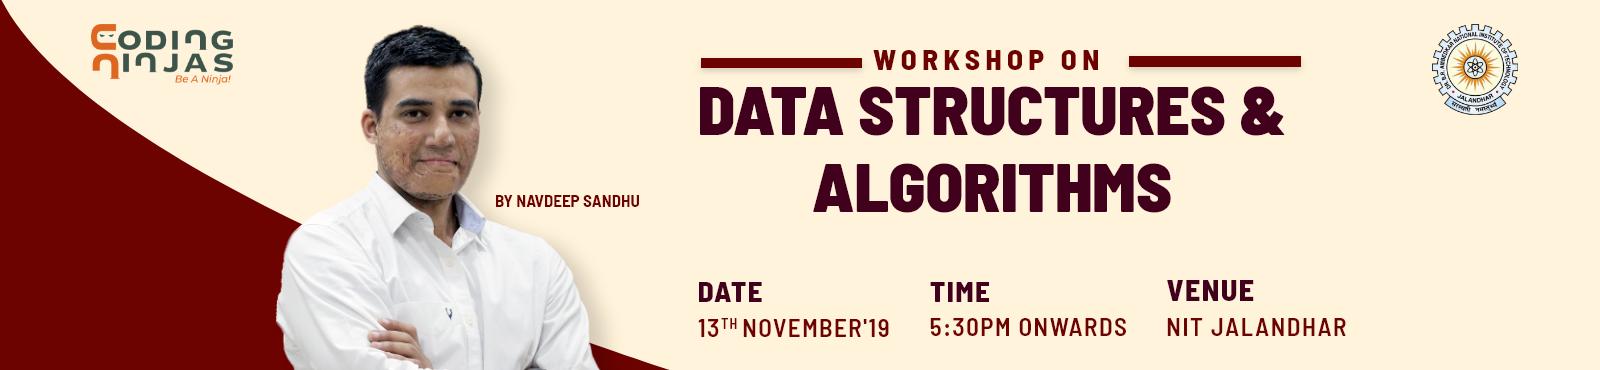 Data Structures and Algorithms workshop at NIT Jalandhar